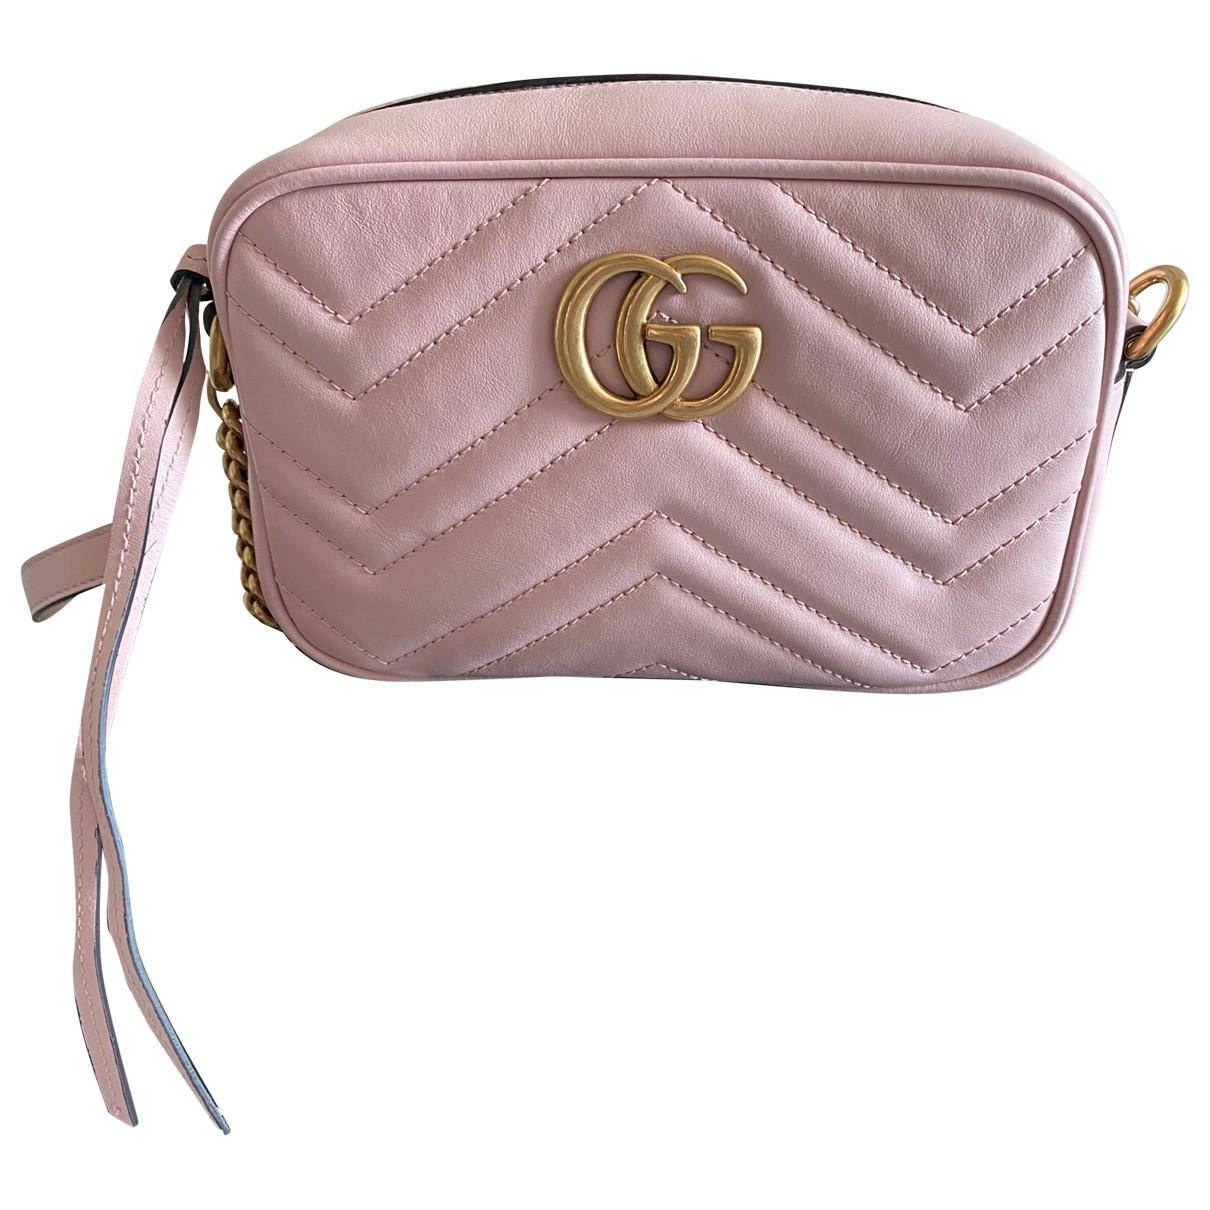 Gucci - Sac a main Marmont pour femme en cuir - rose